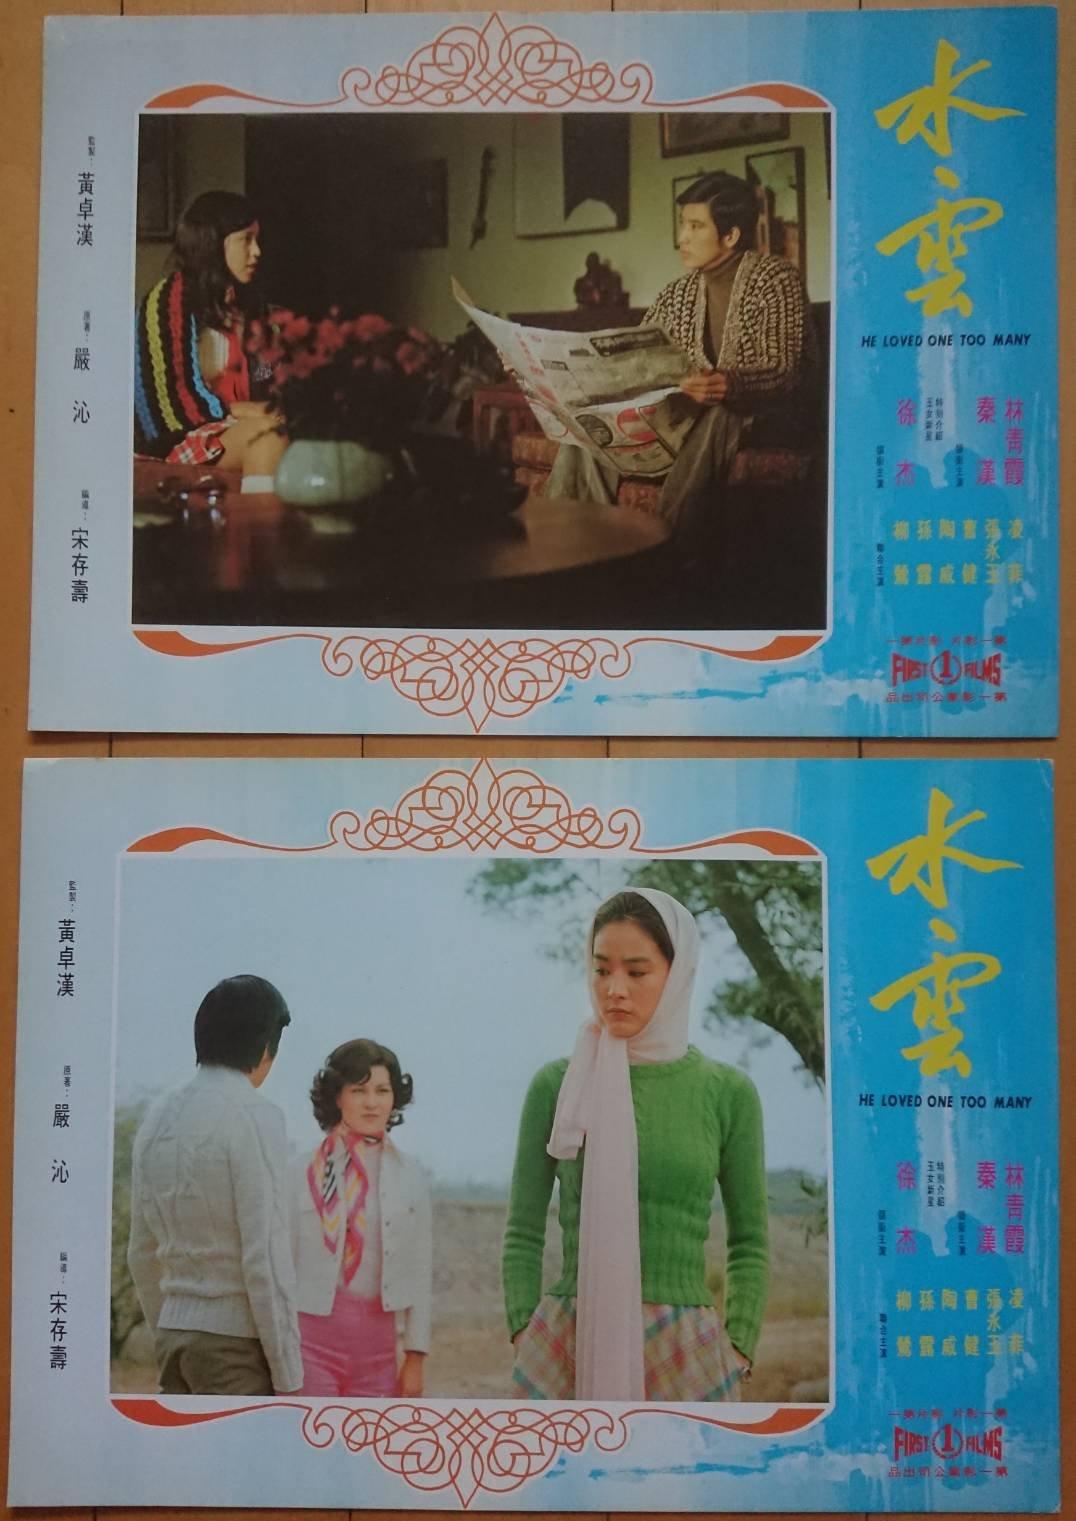 水雲 - 林青霞 秦漢 宋存壽導演 - 台灣原版電影劇照 (1975年)